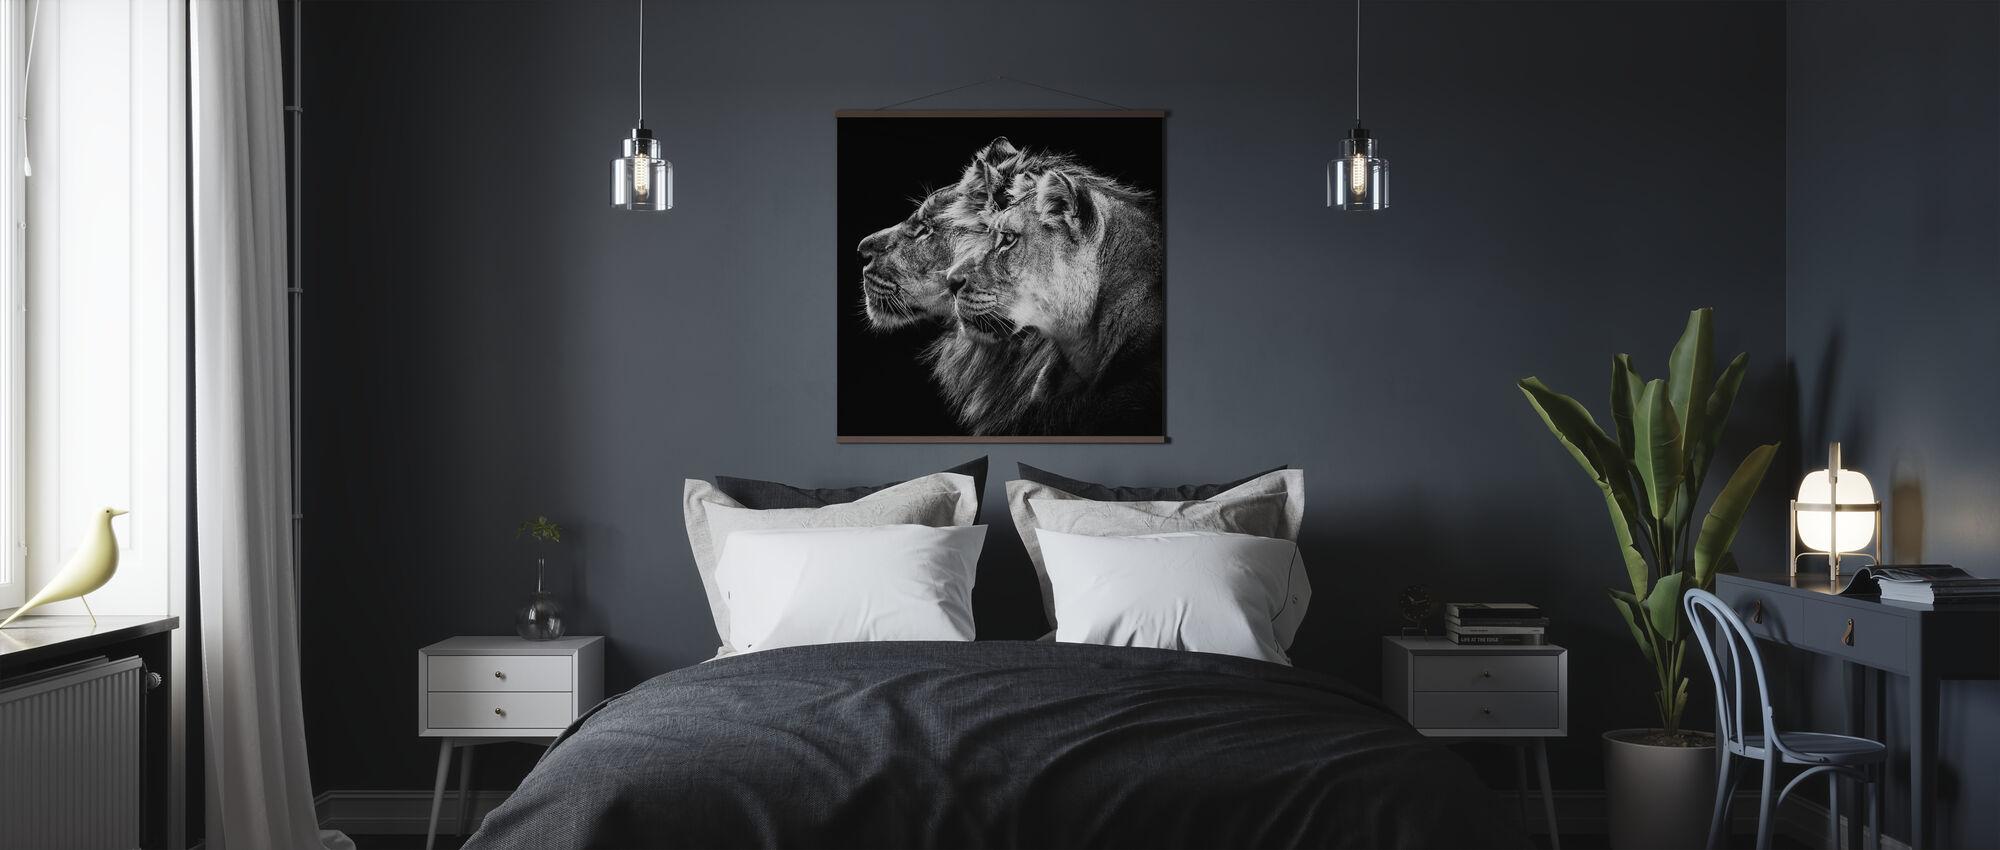 Löwe und Löwin Porträt - Poster - Schlafzimmer